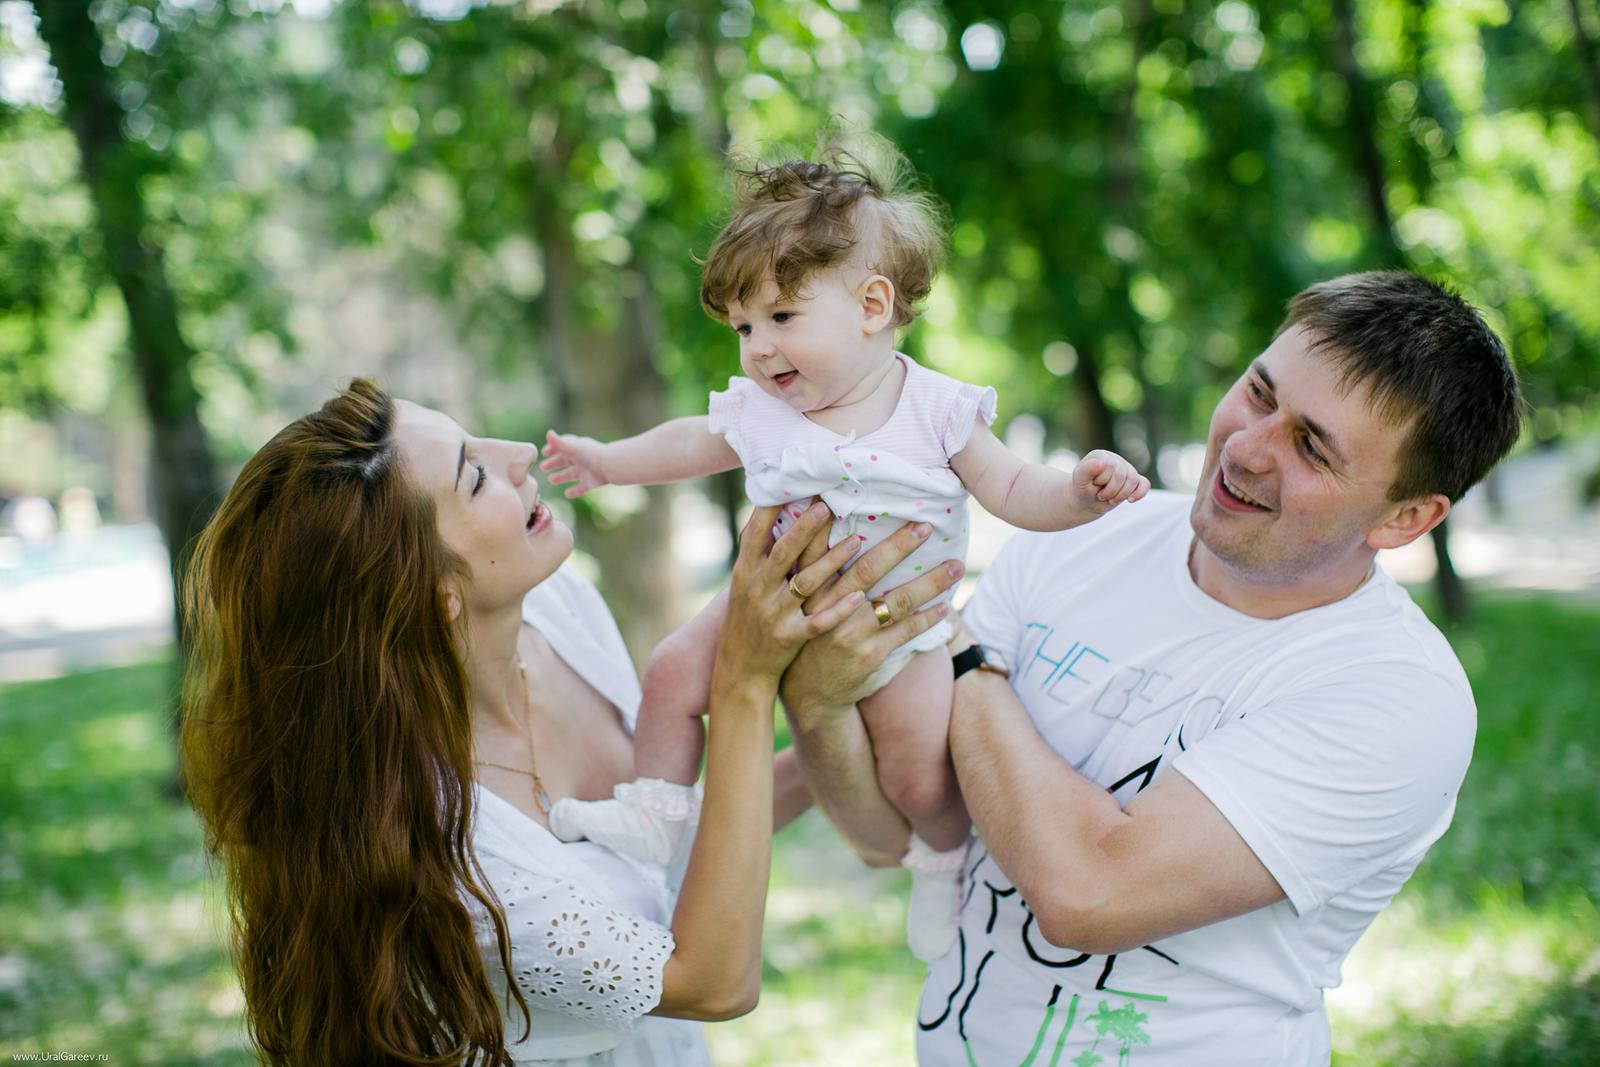 Конкурс семьи счастливые моменты смоленск